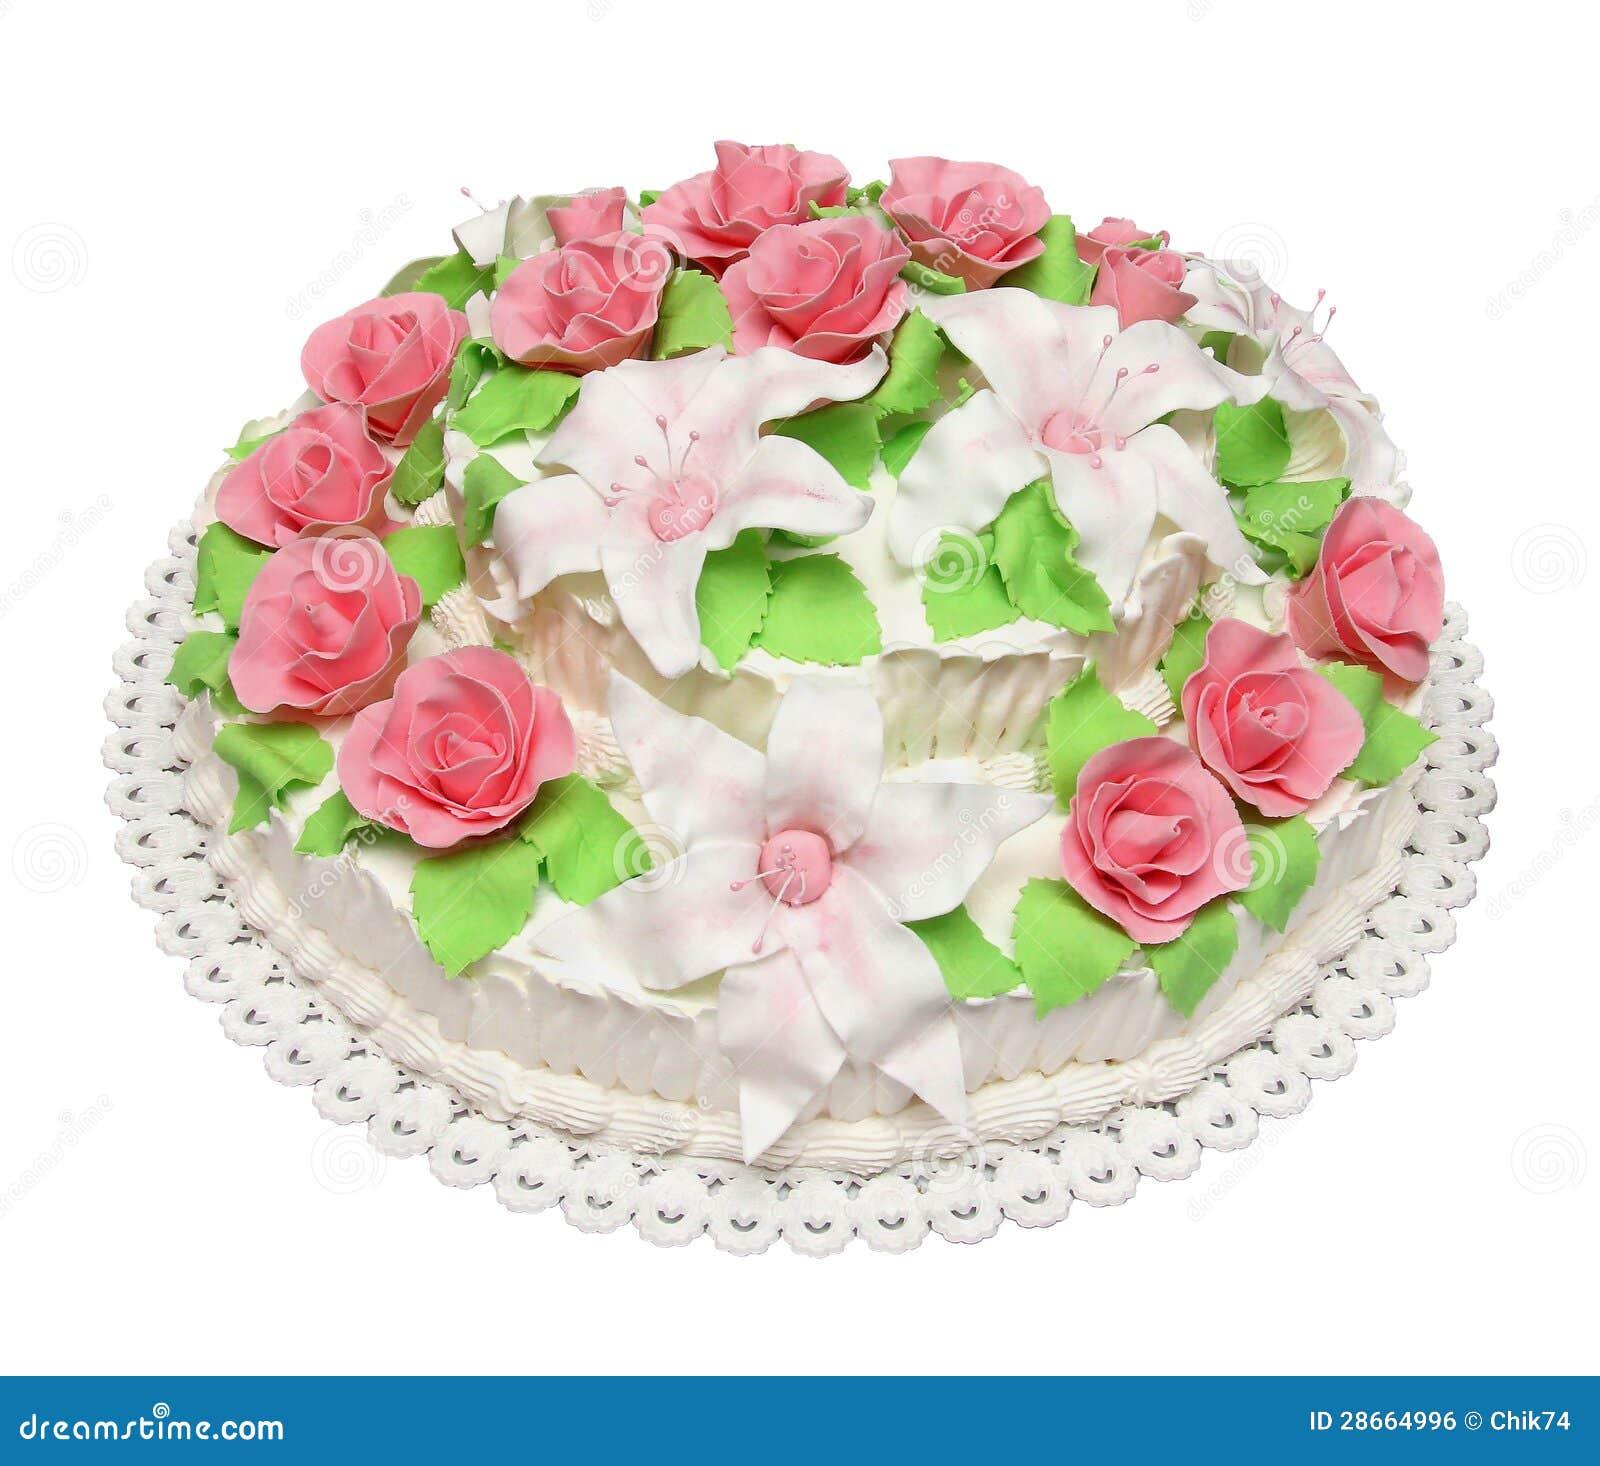 Facebook Ony Cake Decor : Torta Di Compleanno Decorata Con I Fiori Isolati Su ...